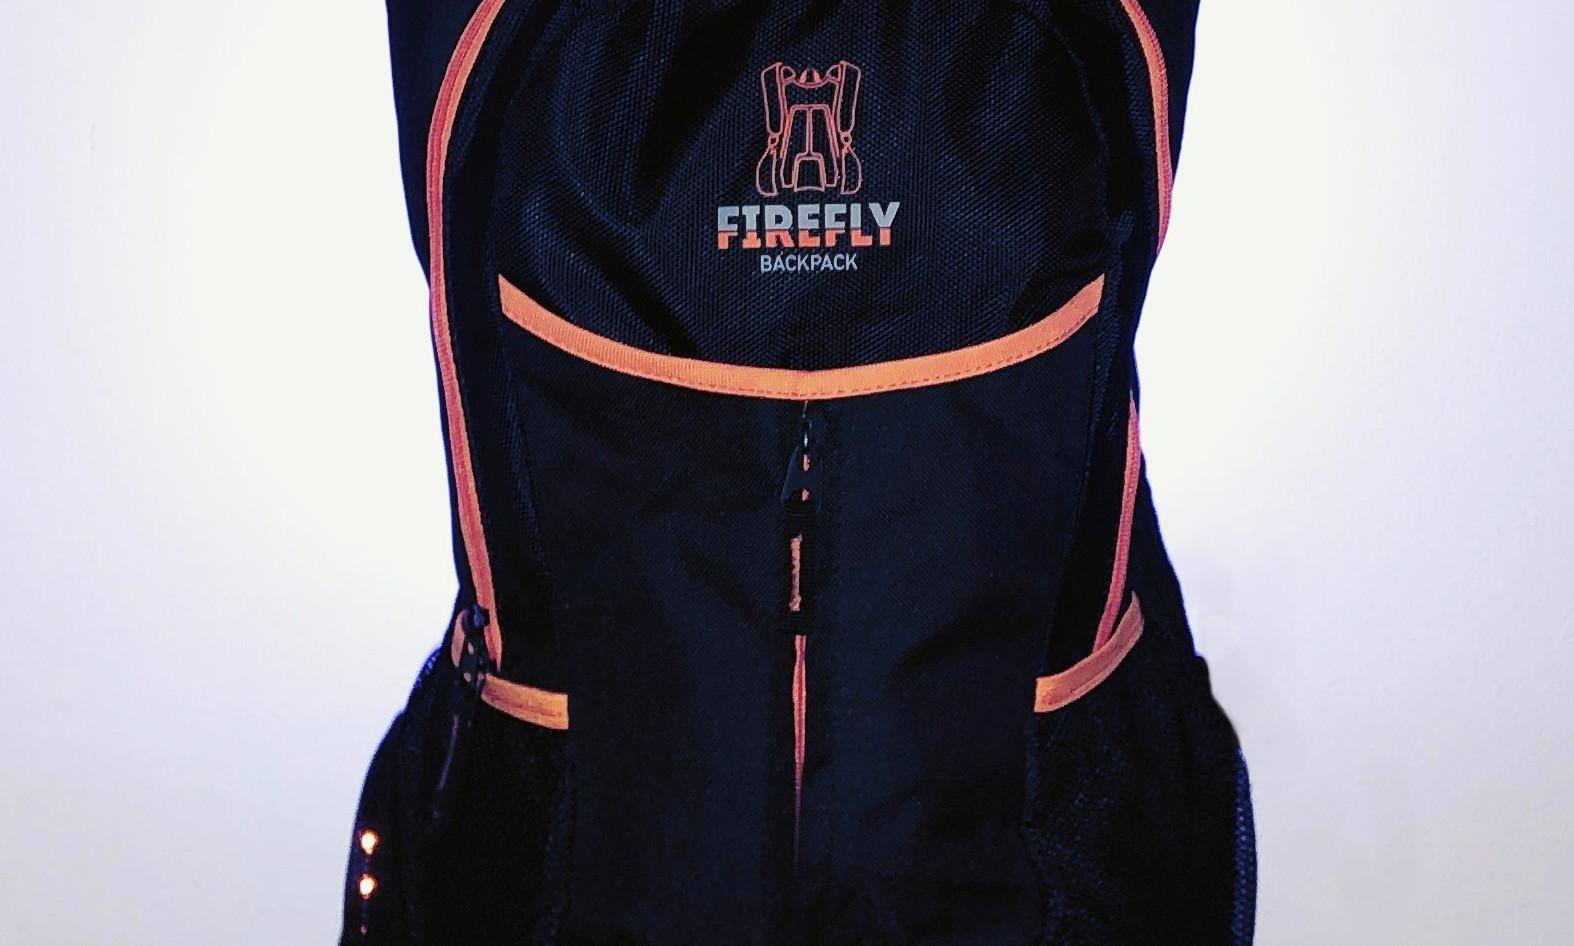 firefly fronttset.jpg